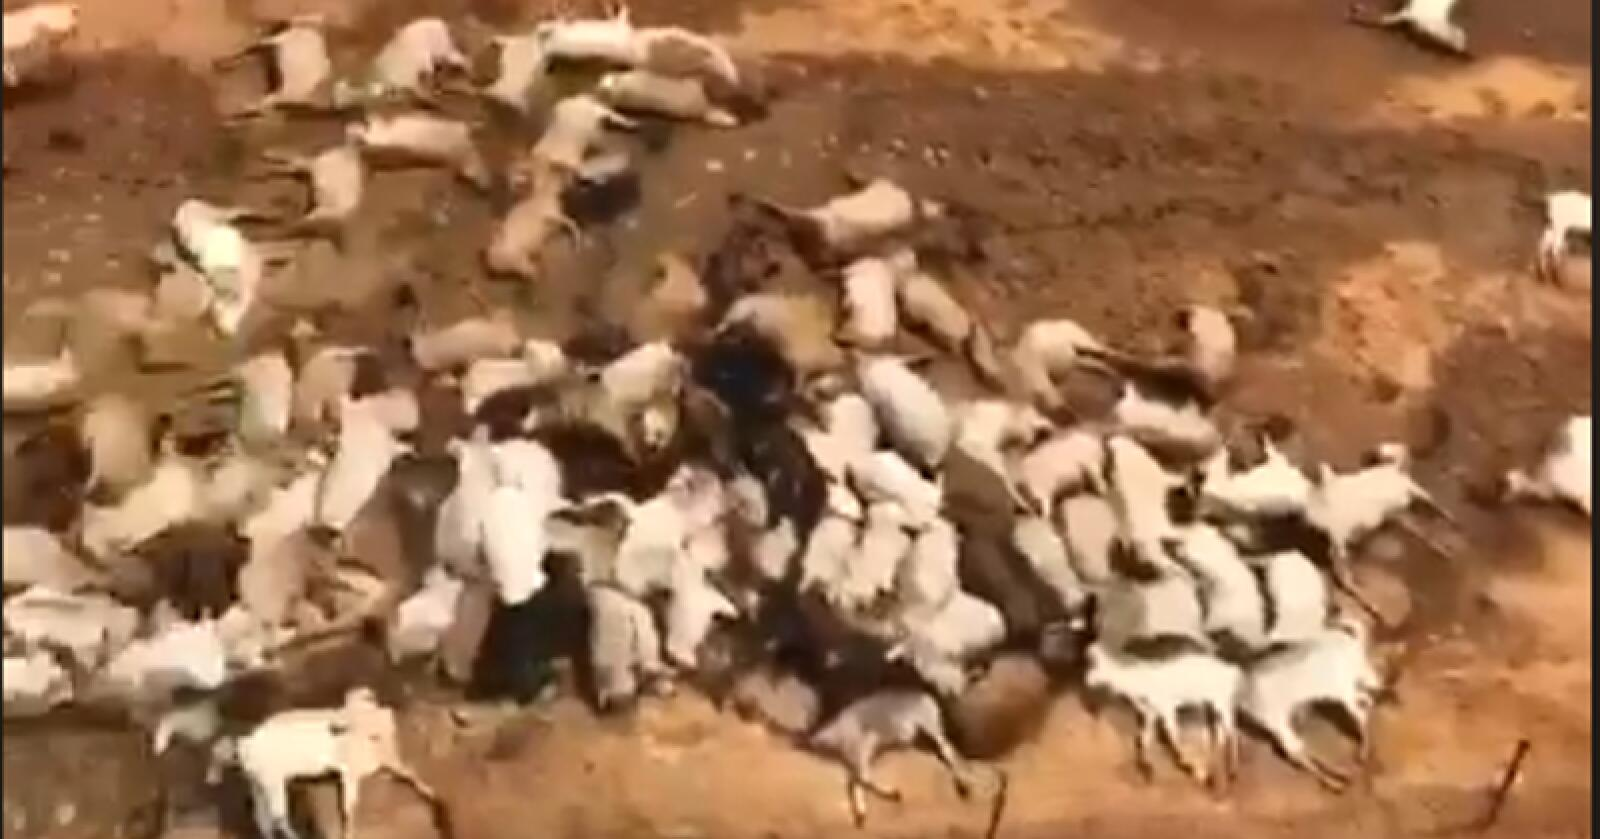 En Facebook-video viser døde kyr som ligger døde etter at vannmassene har trukket seg tilbake. Skjermdump: Facebook/Sarah Macartney